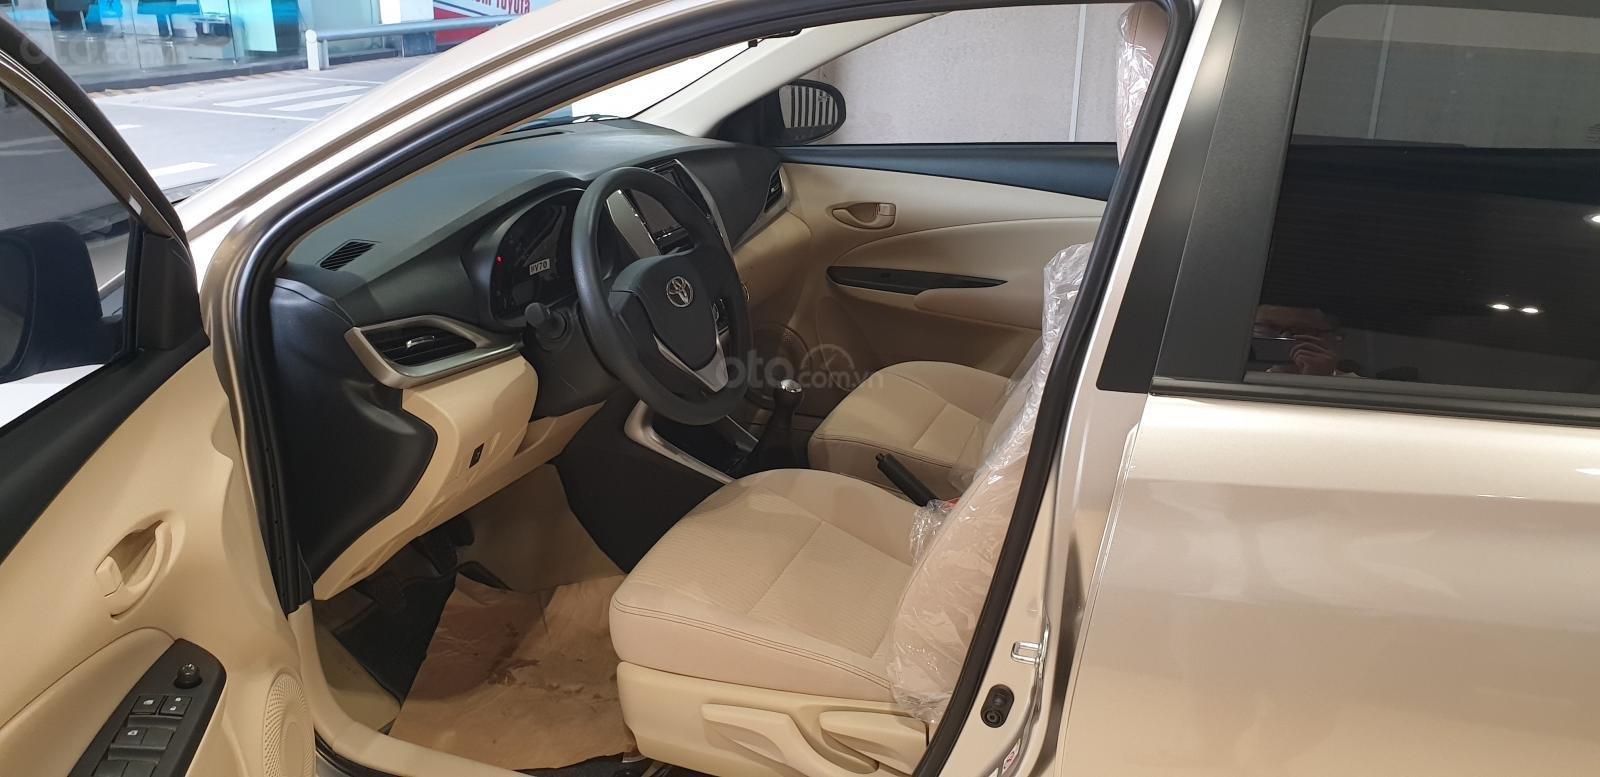 Toyota Vios 1.5E số sàn giao ngay, chiết khấu tiền mặt, tặng gói phụ kiện chính hãng, hỗ trợ mua trả góp 85% giá trị xe-6